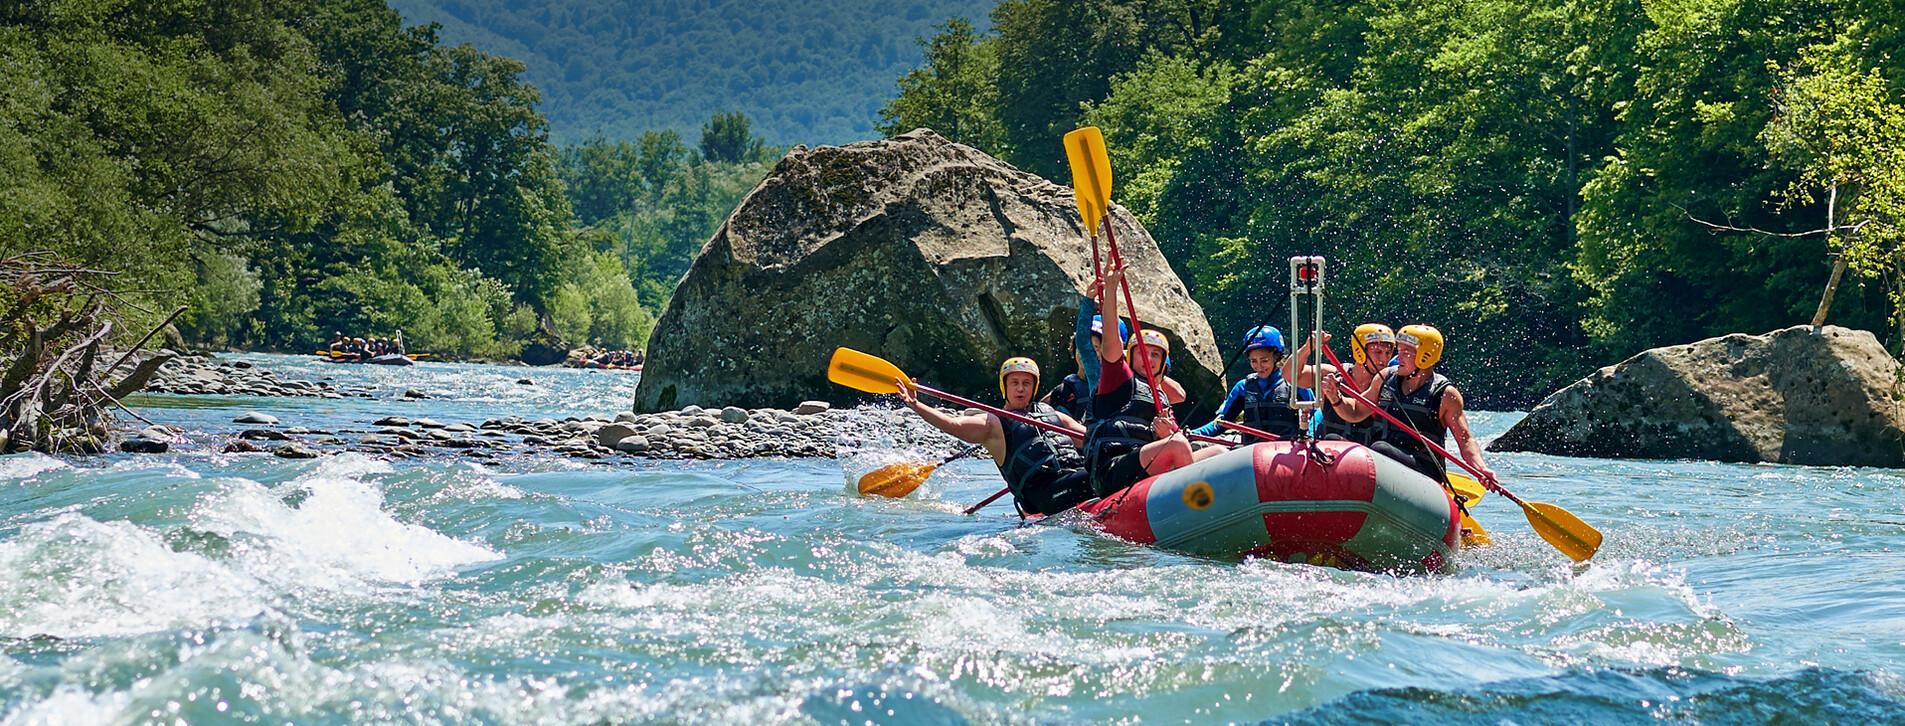 Fotoğraf 1 - İki Kişi için Rafting